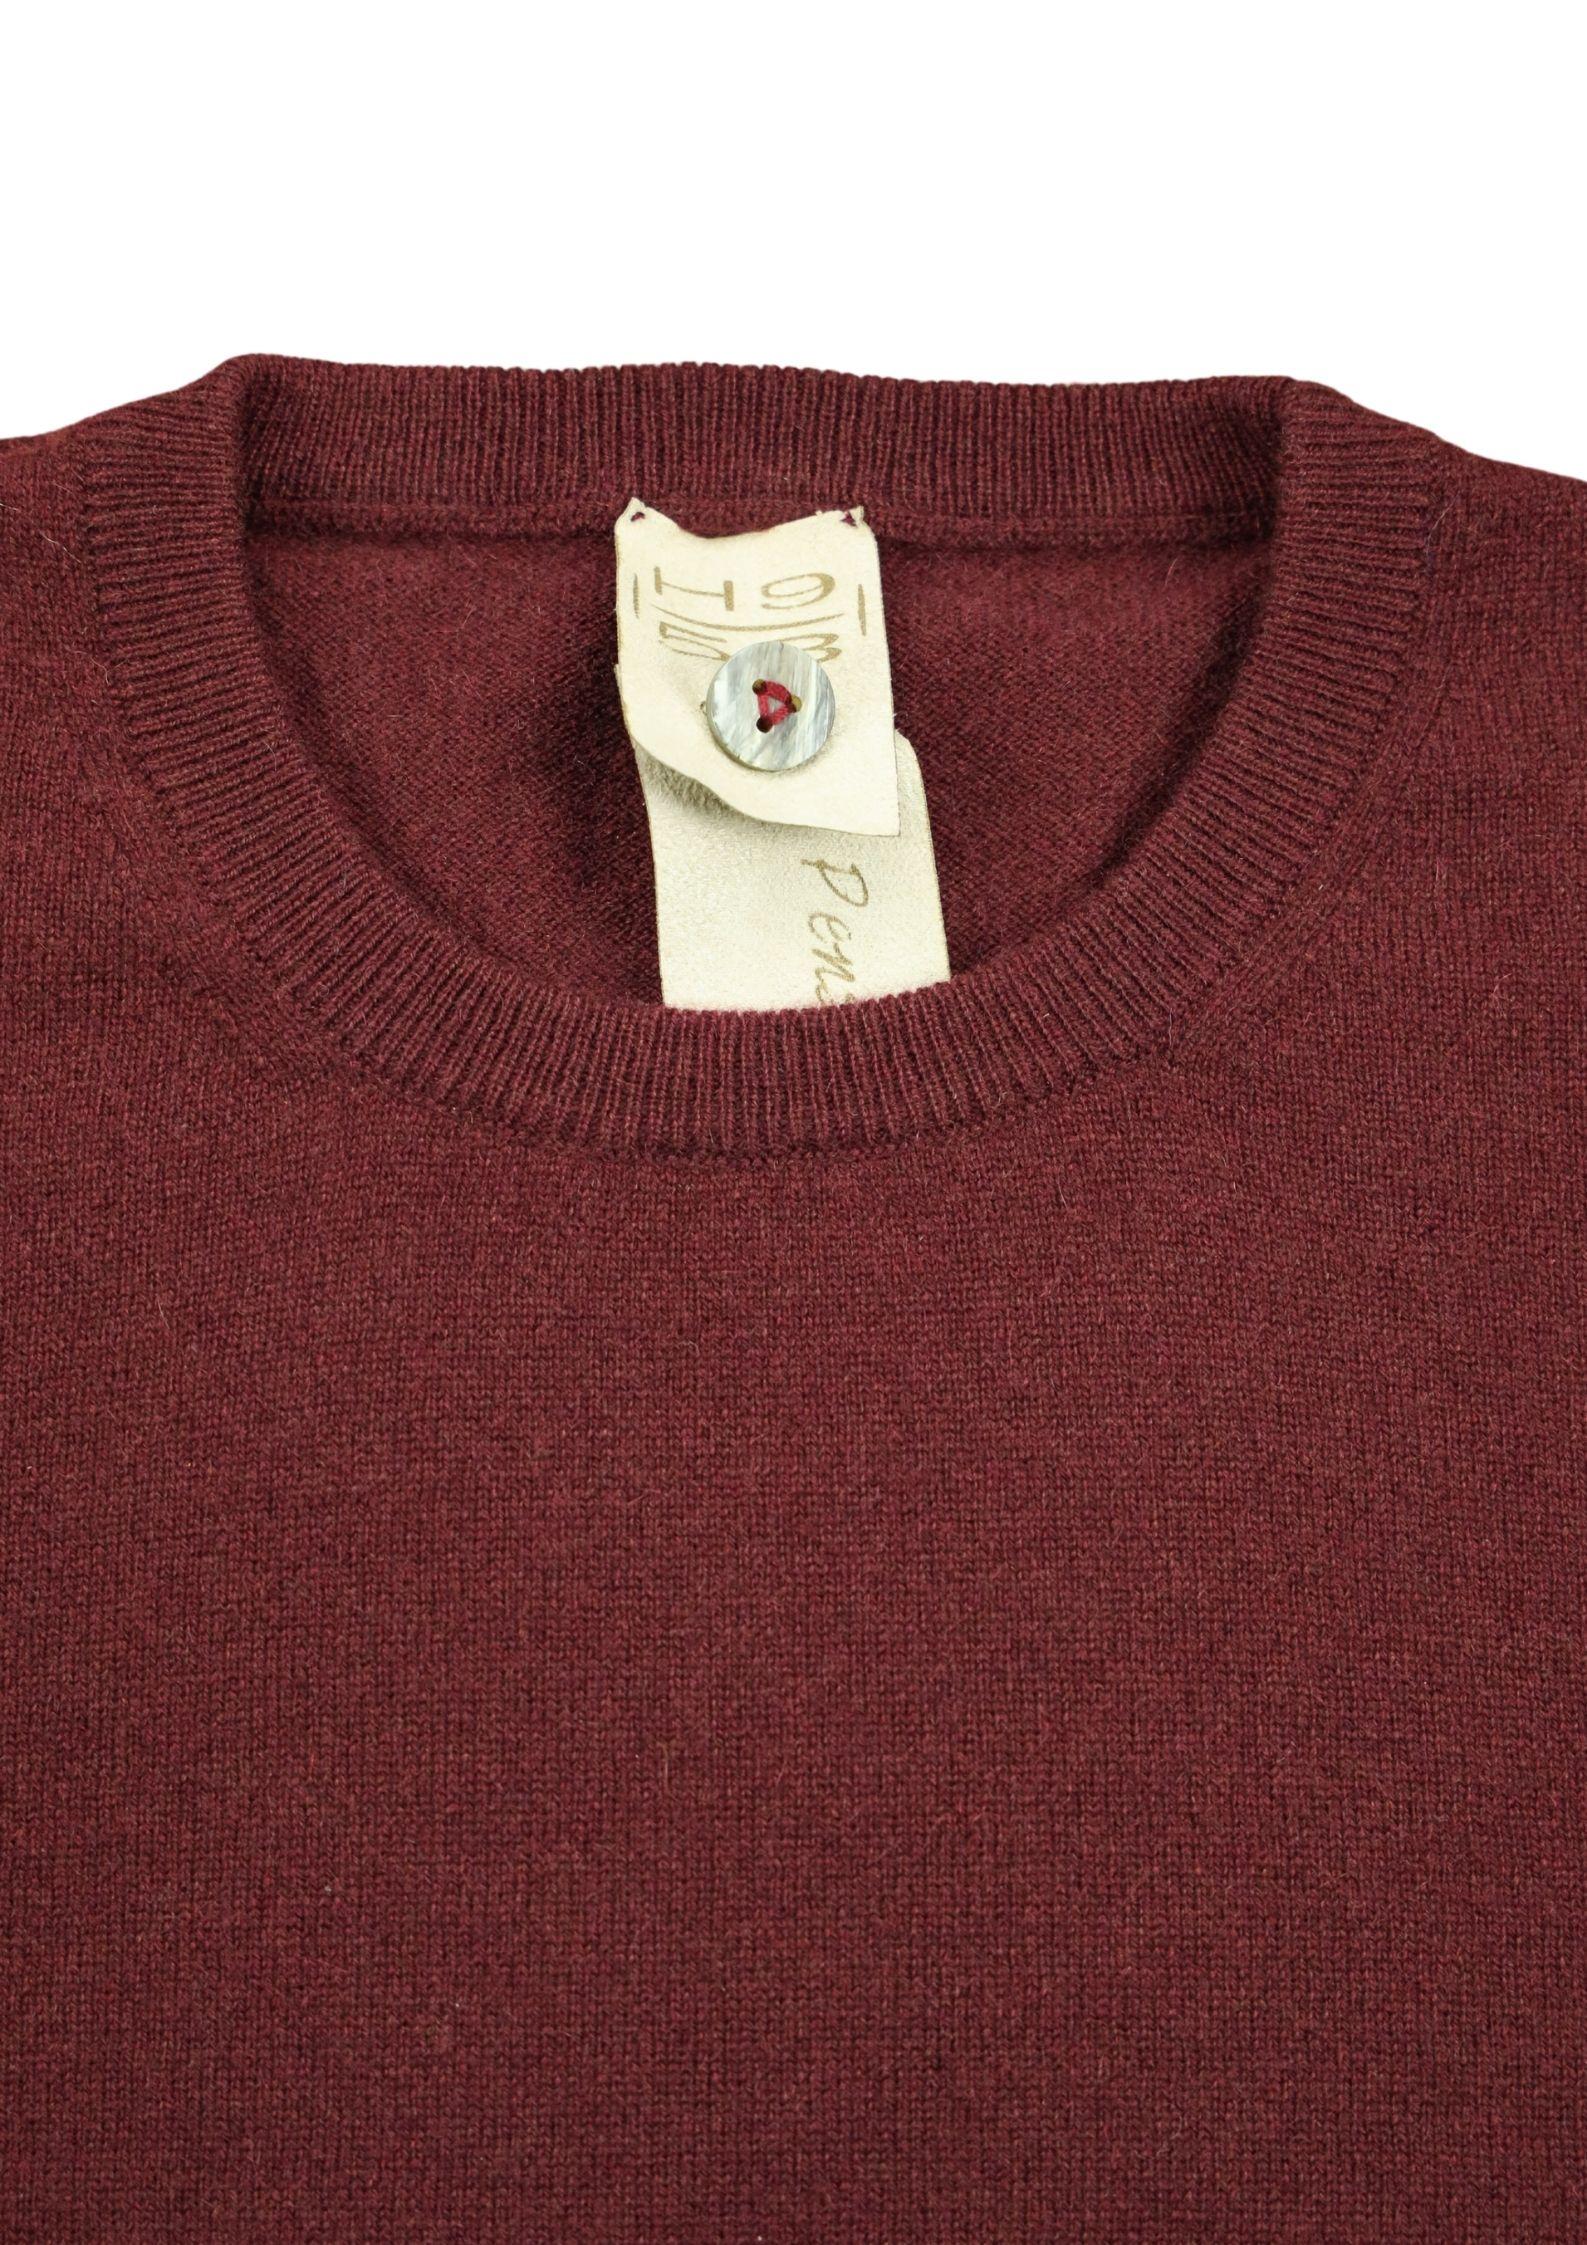 Pullover girocollo in cashmere 100%  due fili H953 | Maglieria | 299751